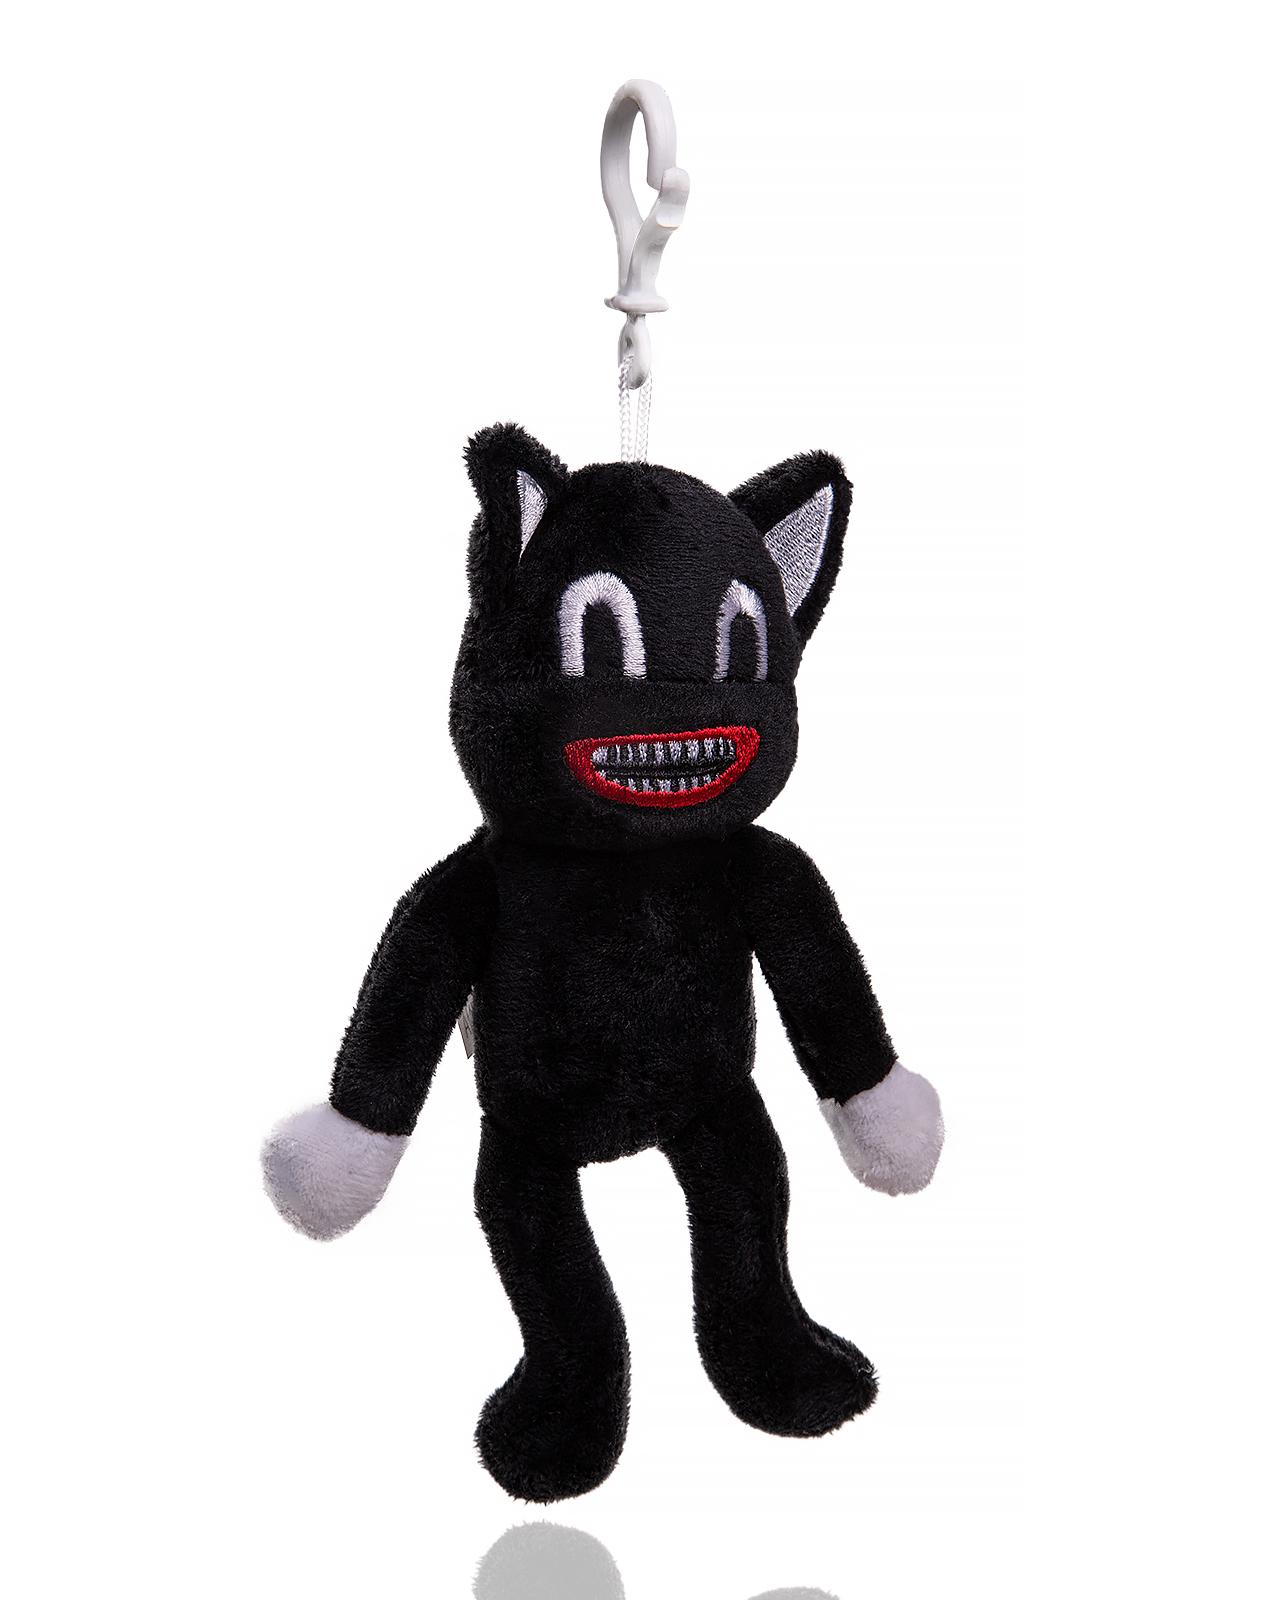 Купить Мягкая игрушка монстр Siren Head Cartoon Cat Кот черный с карабином, 20 см, wellywell,